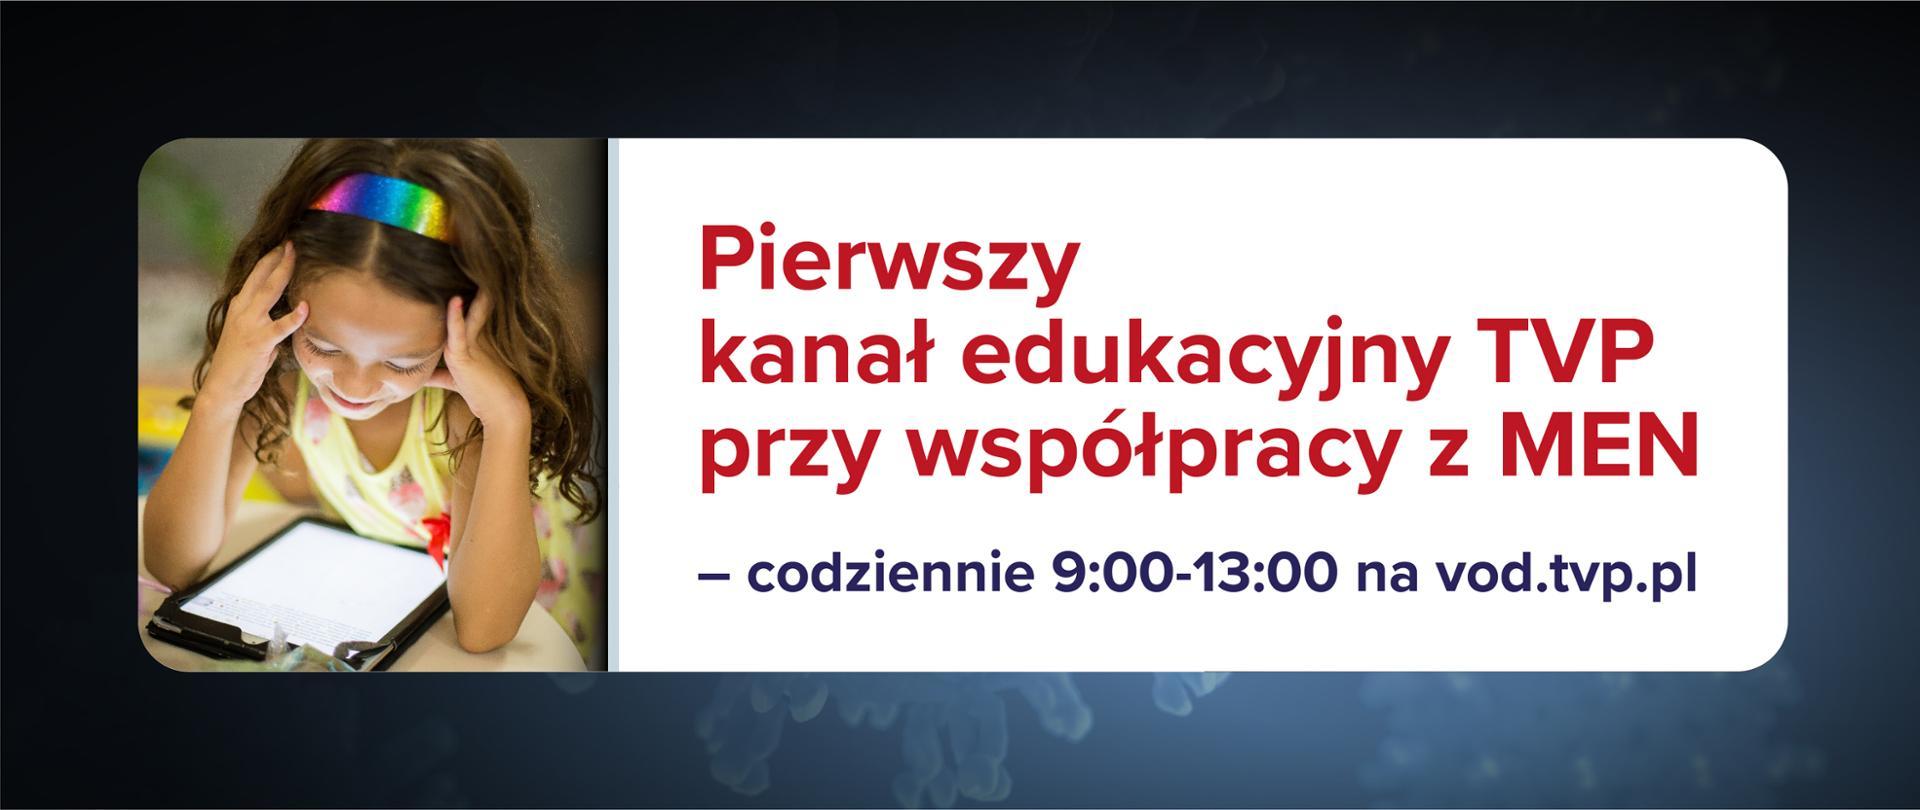 Grafika na ciemnoniebieskim tle. Po lewo zdjęcie dziewczynki z tabletem, a po prawo tekst na białym tle: Pierwszy kanał edukacyjny TVP przy współpracy z MEN – codziennie 9:00-13:00 na vod.tvp.pl.